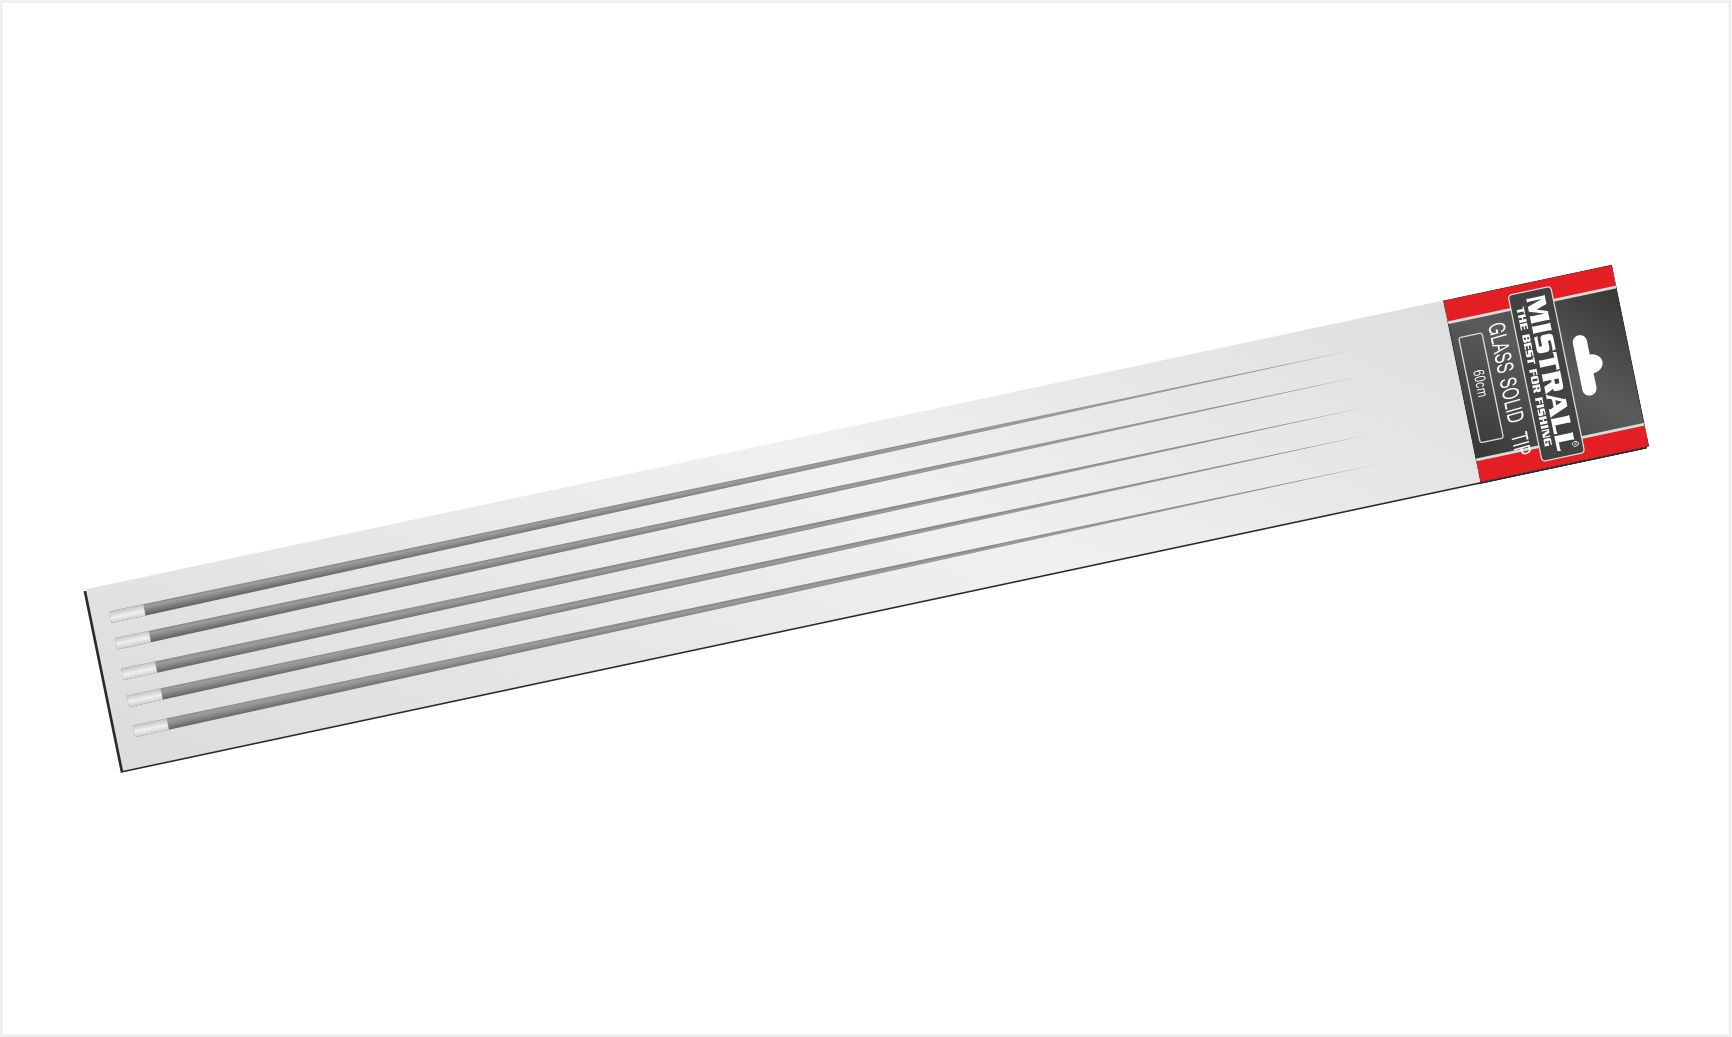 Mistrall náhradní špička na prut plná 0,9 x 5 x 600 mm, 5ks/bal